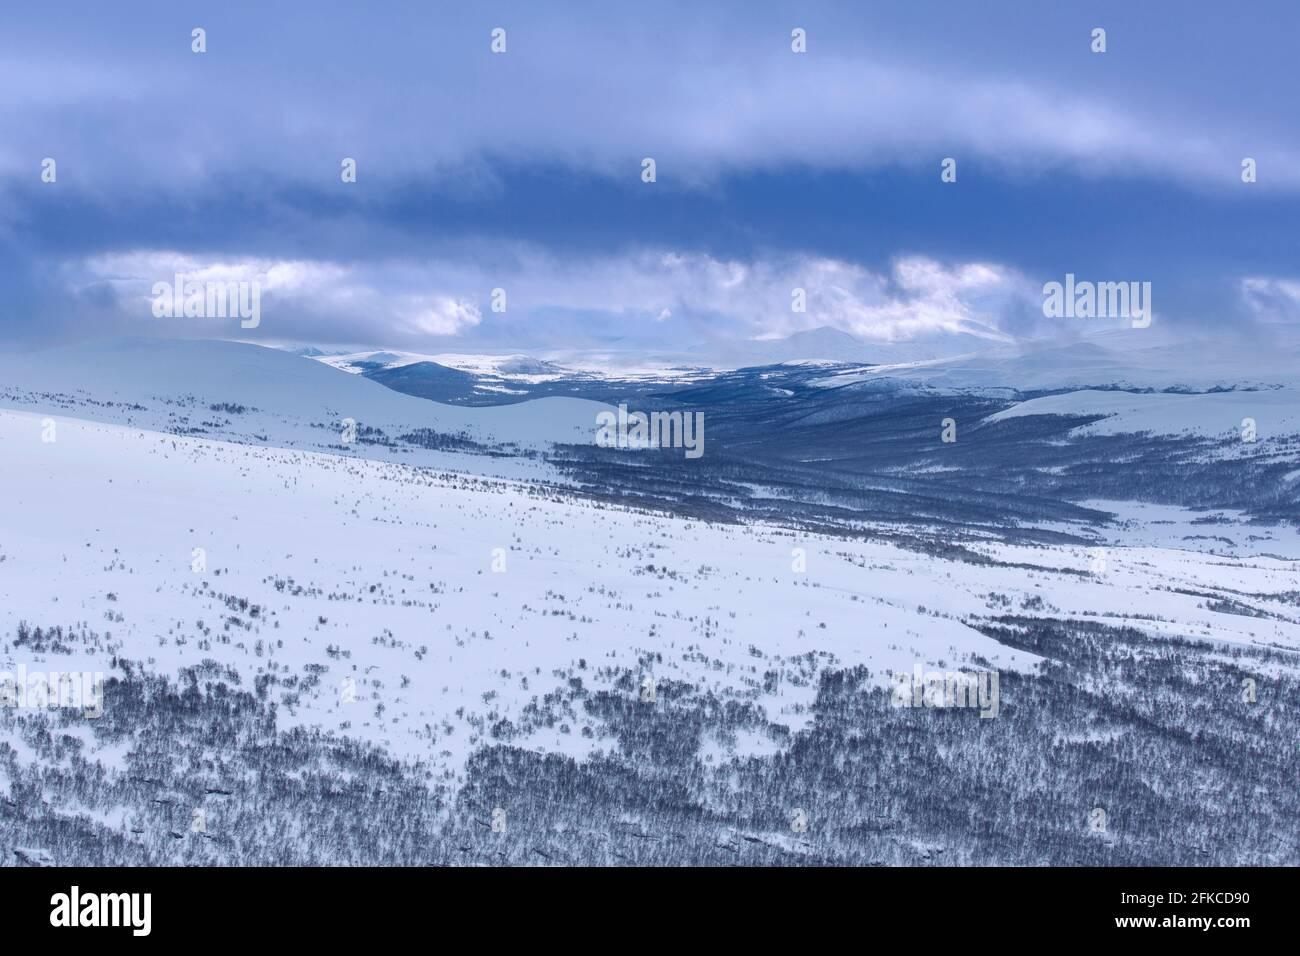 Forêt de bouleaux dans la neige au parc national de Dovrefjell–Sunndalsfjella en hiver, en Norvège Banque D'Images